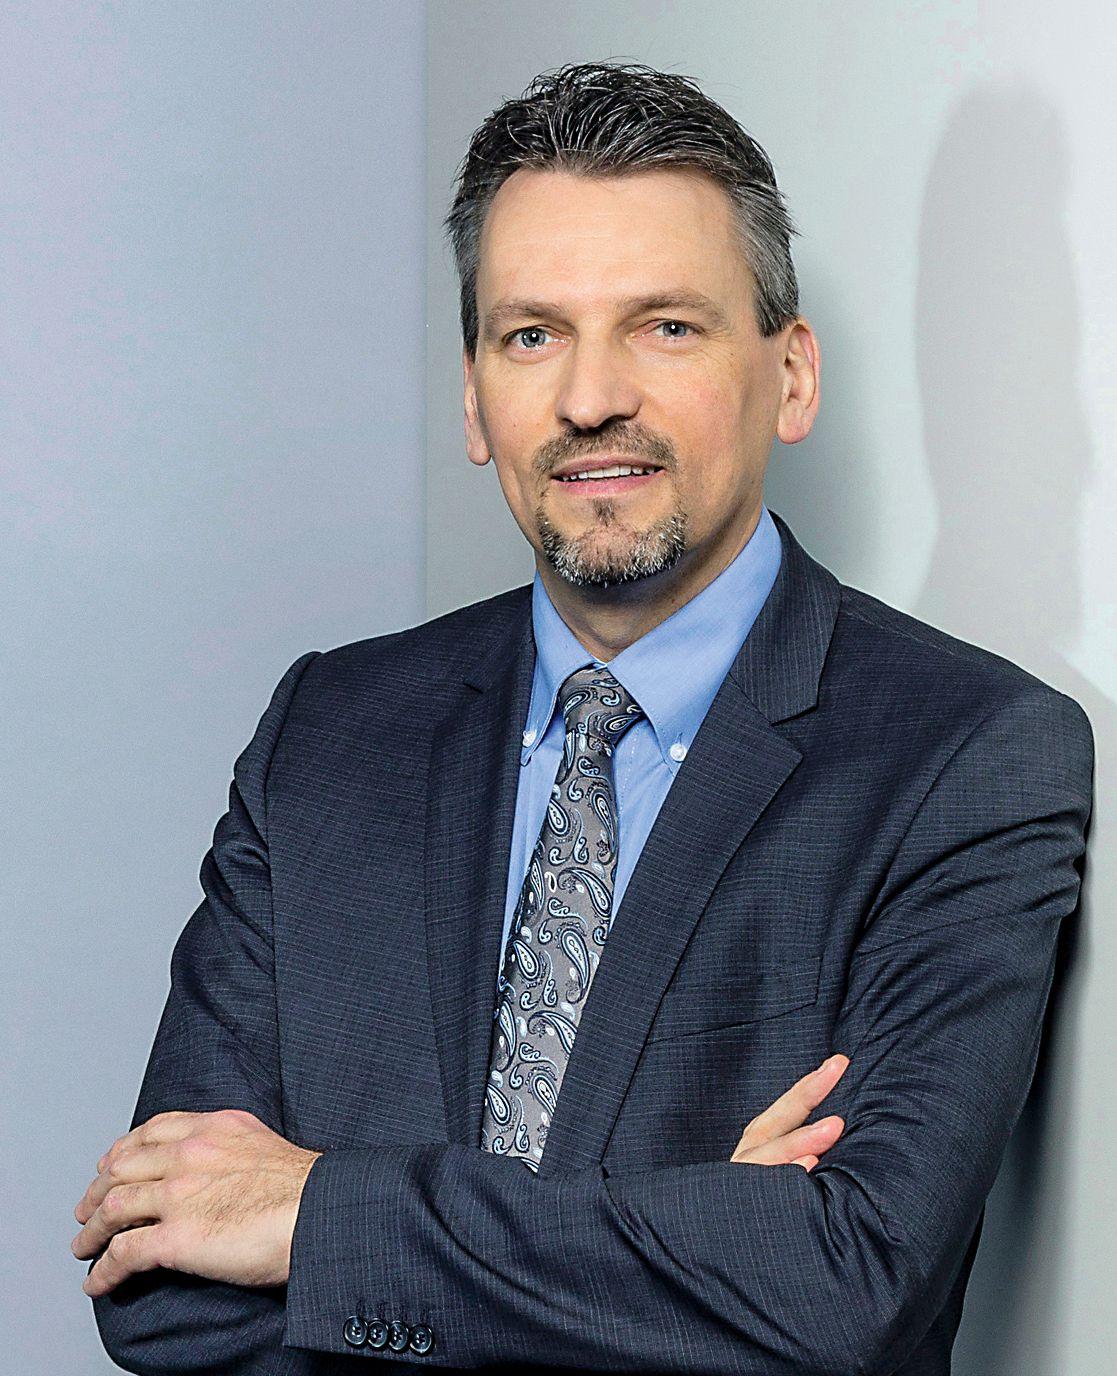 Armin Scheuermann ist Chefredakteur von Pharma+Food